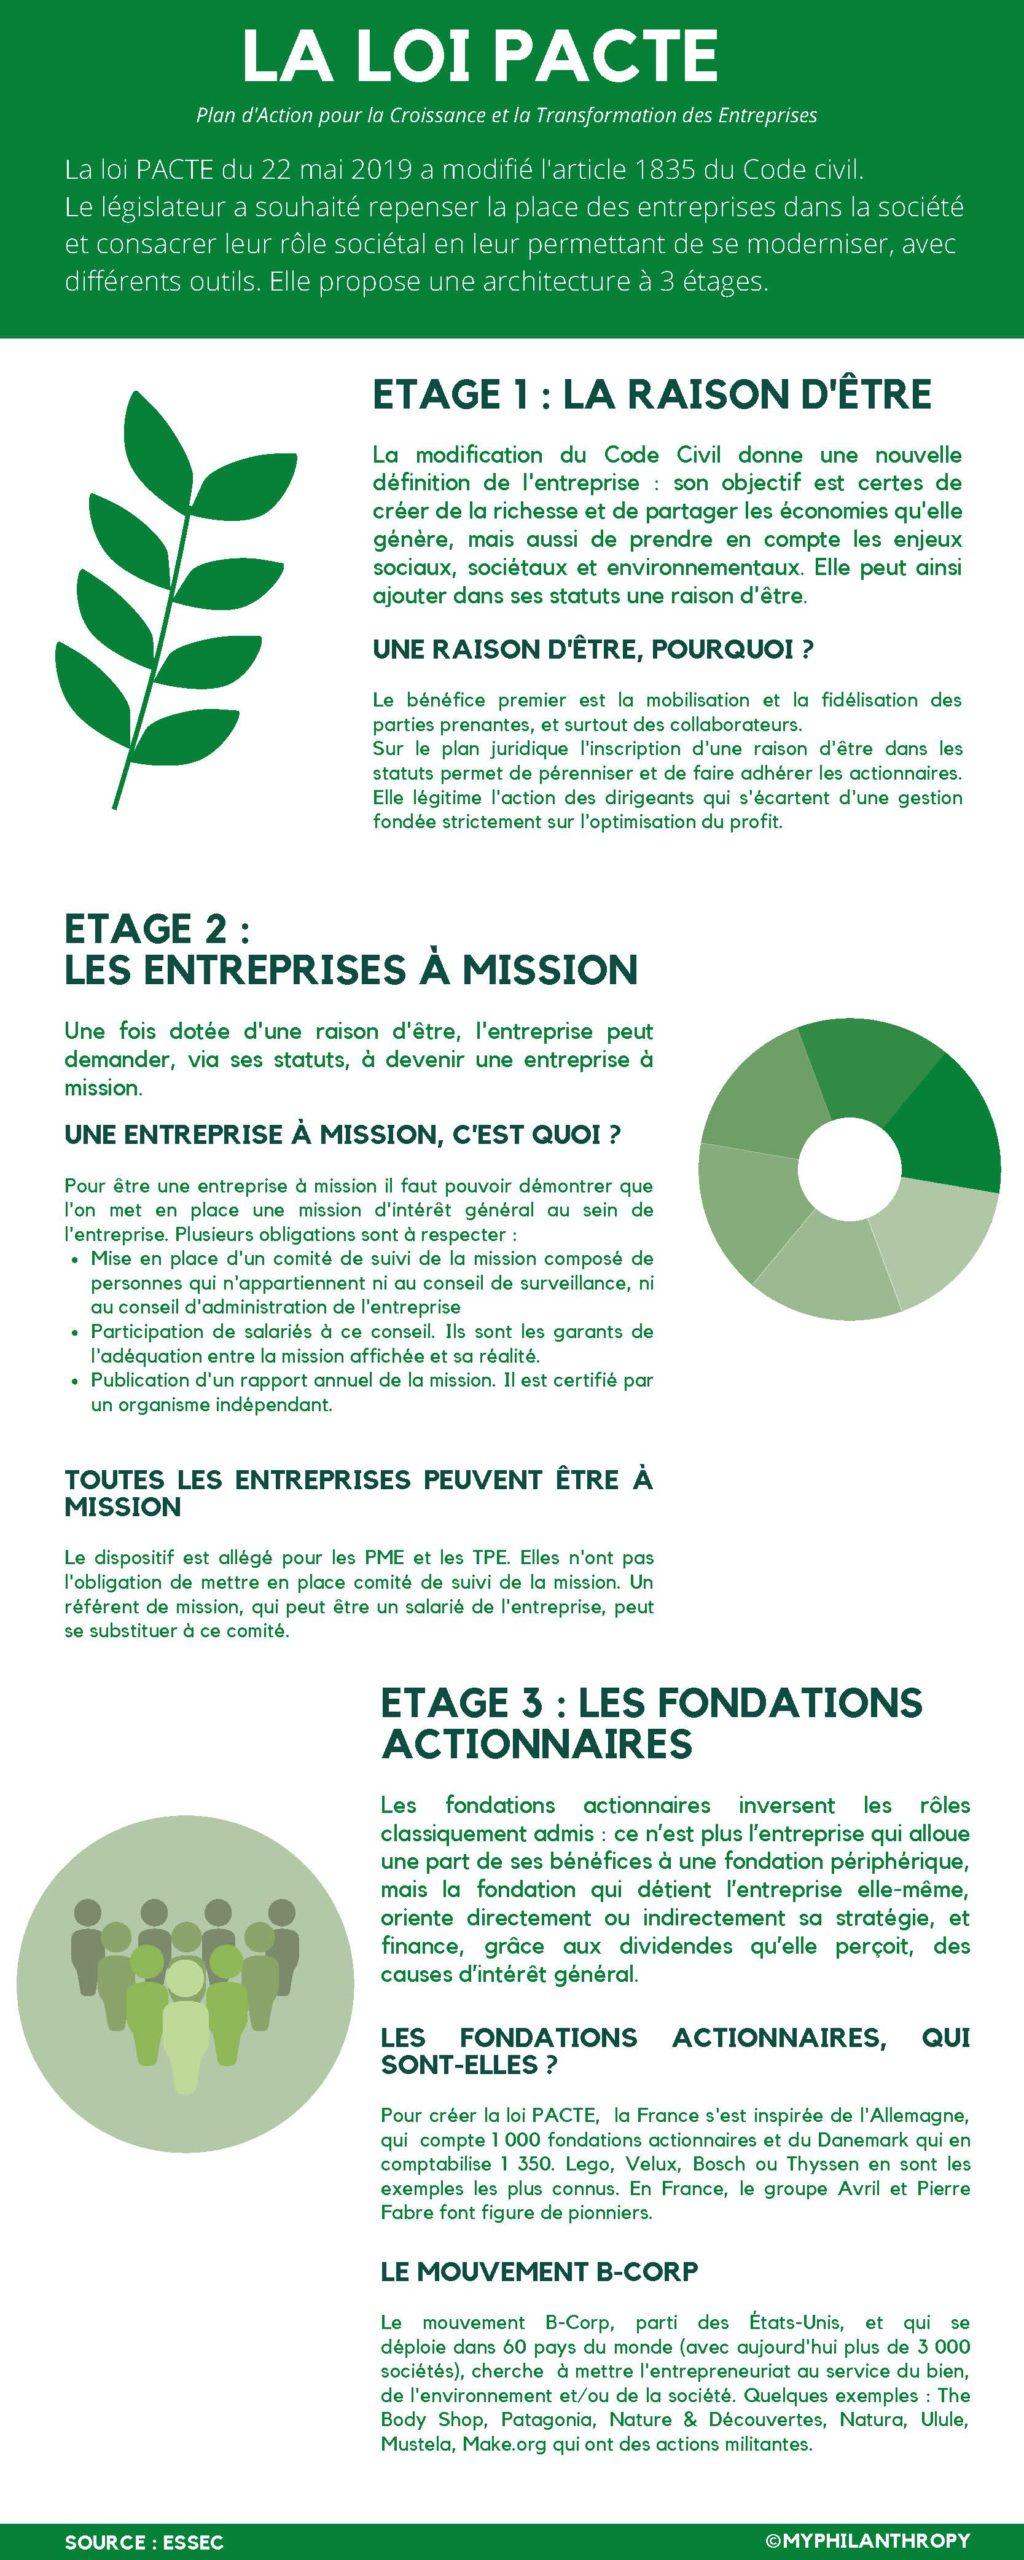 Loi pacte, raison d'être, entreprises à mission fondations actionnaires